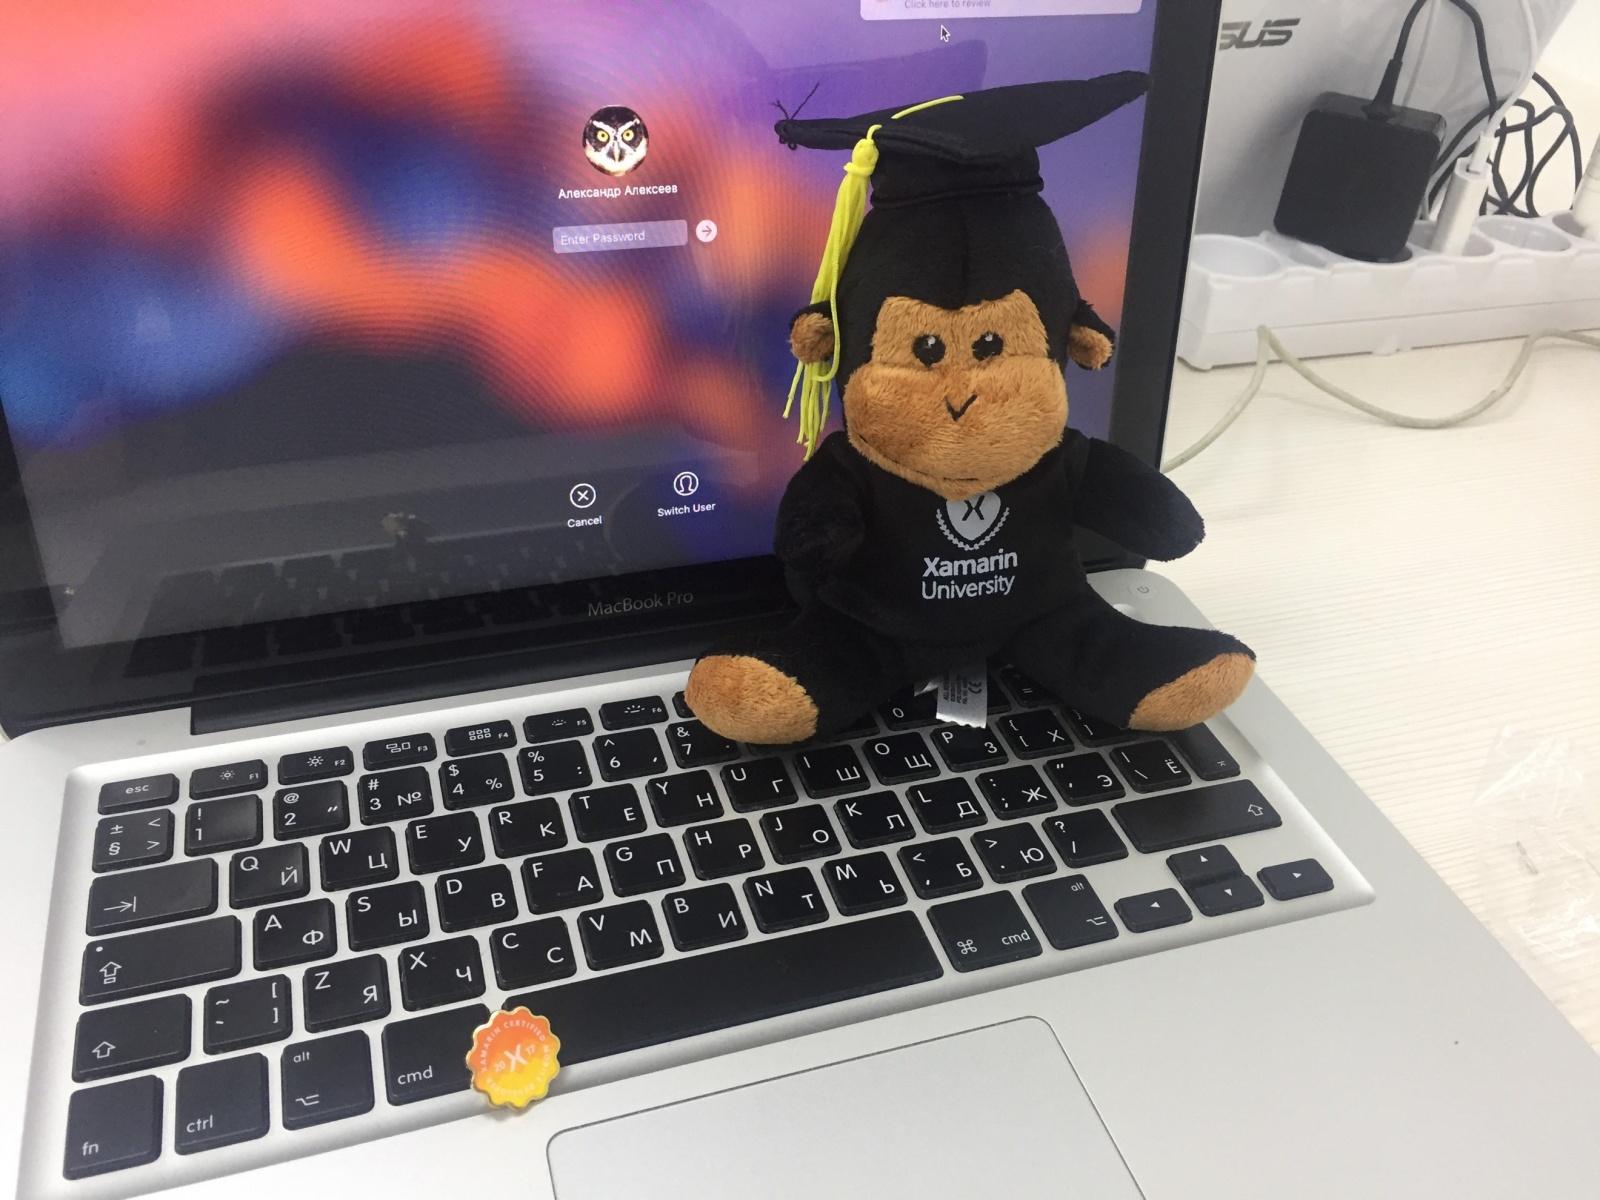 Как я проходил сертификацию в Xamarin University - 7